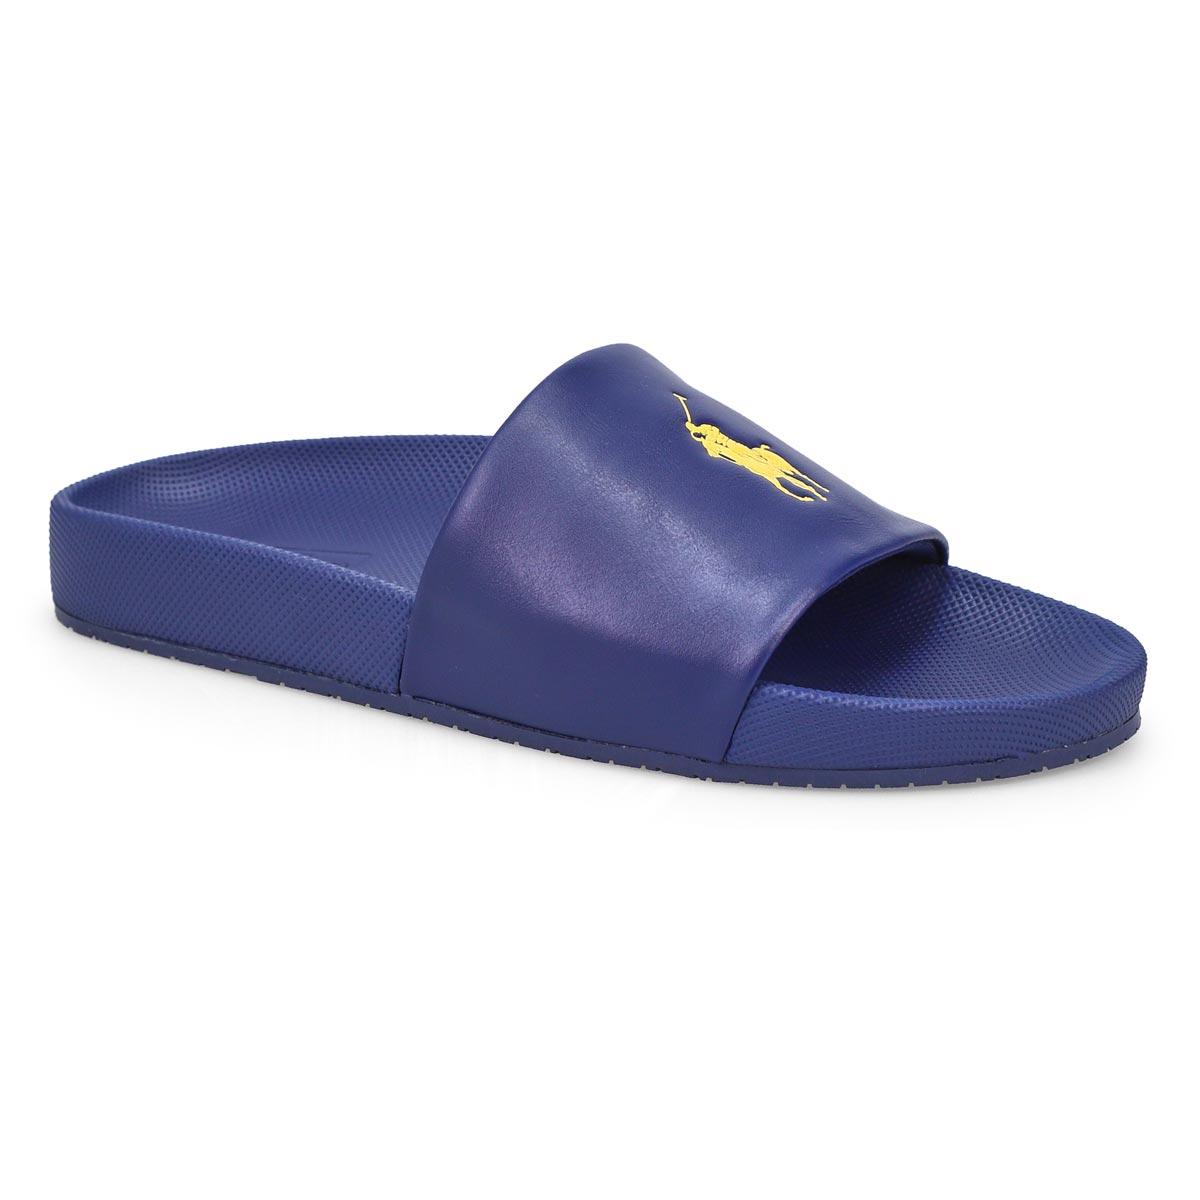 Men's Cayson Slide Sandal - Navy/Gold